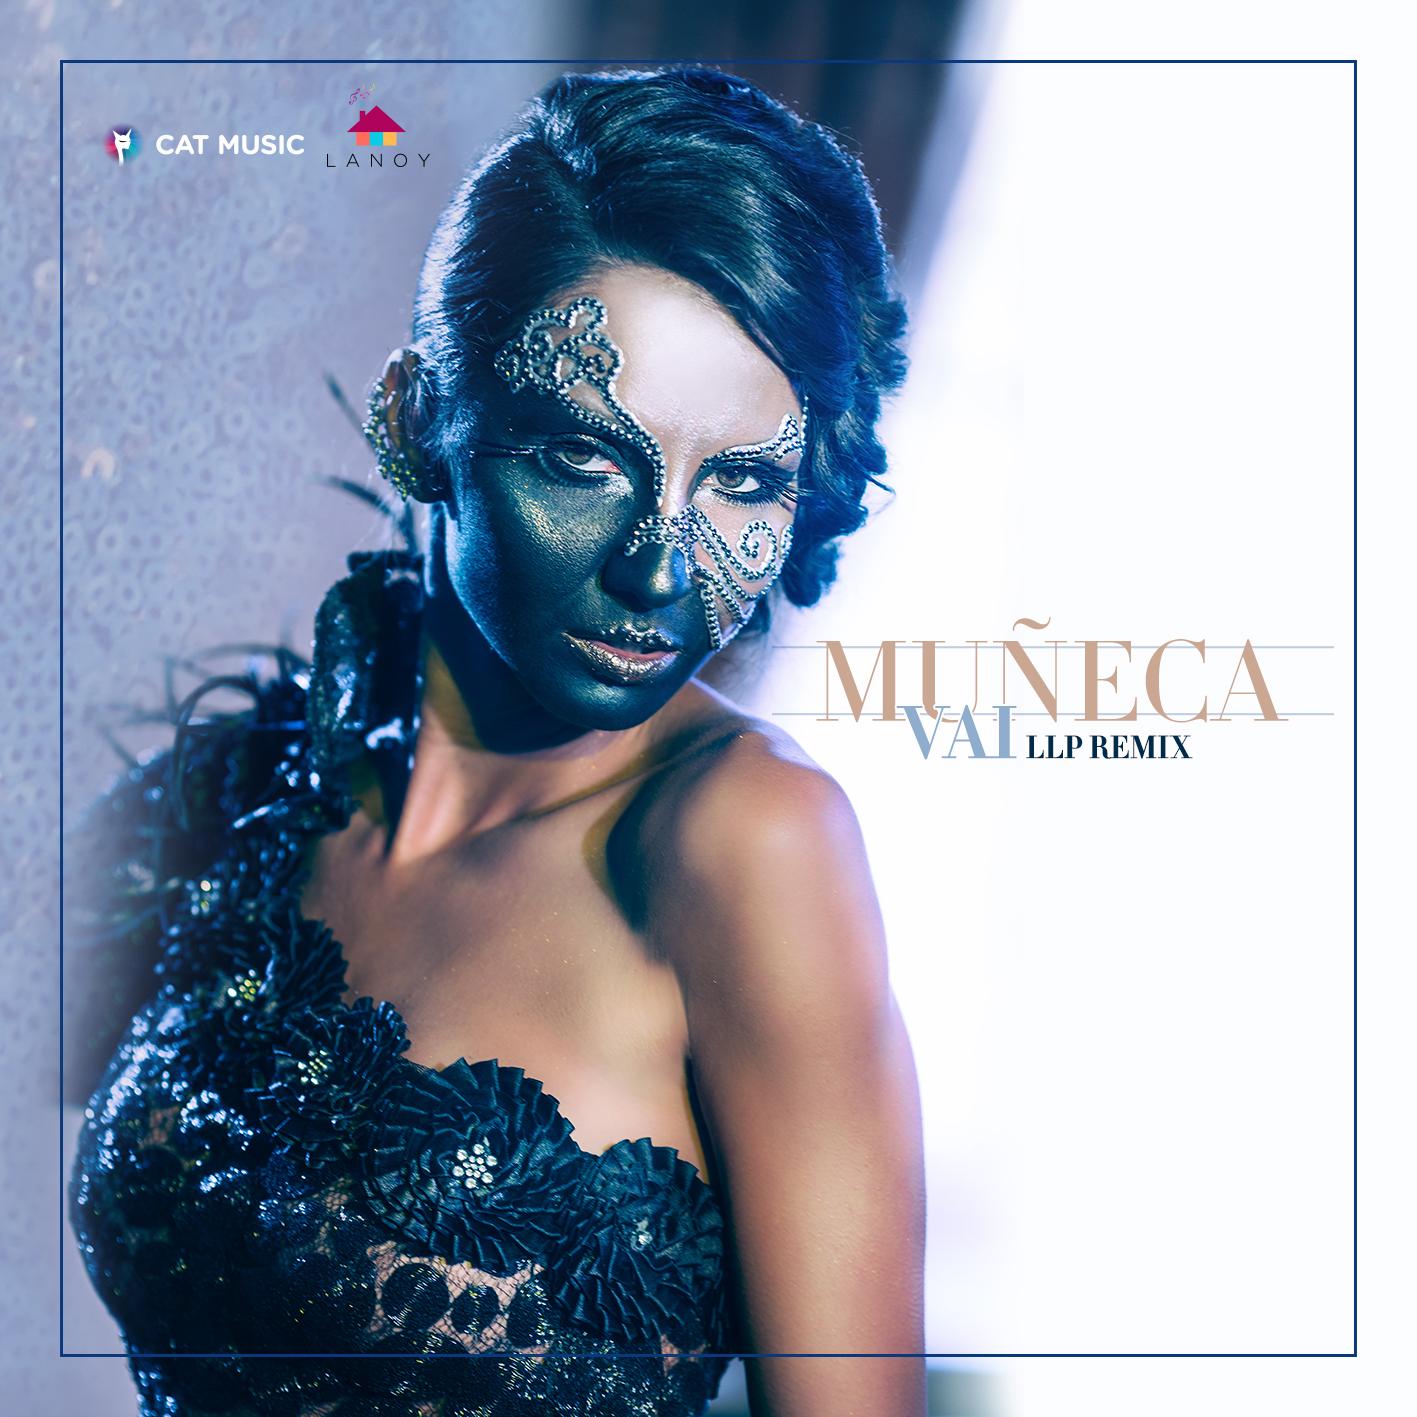 """Muneca lanseaza single-ul si videoclipul """"Vai"""""""